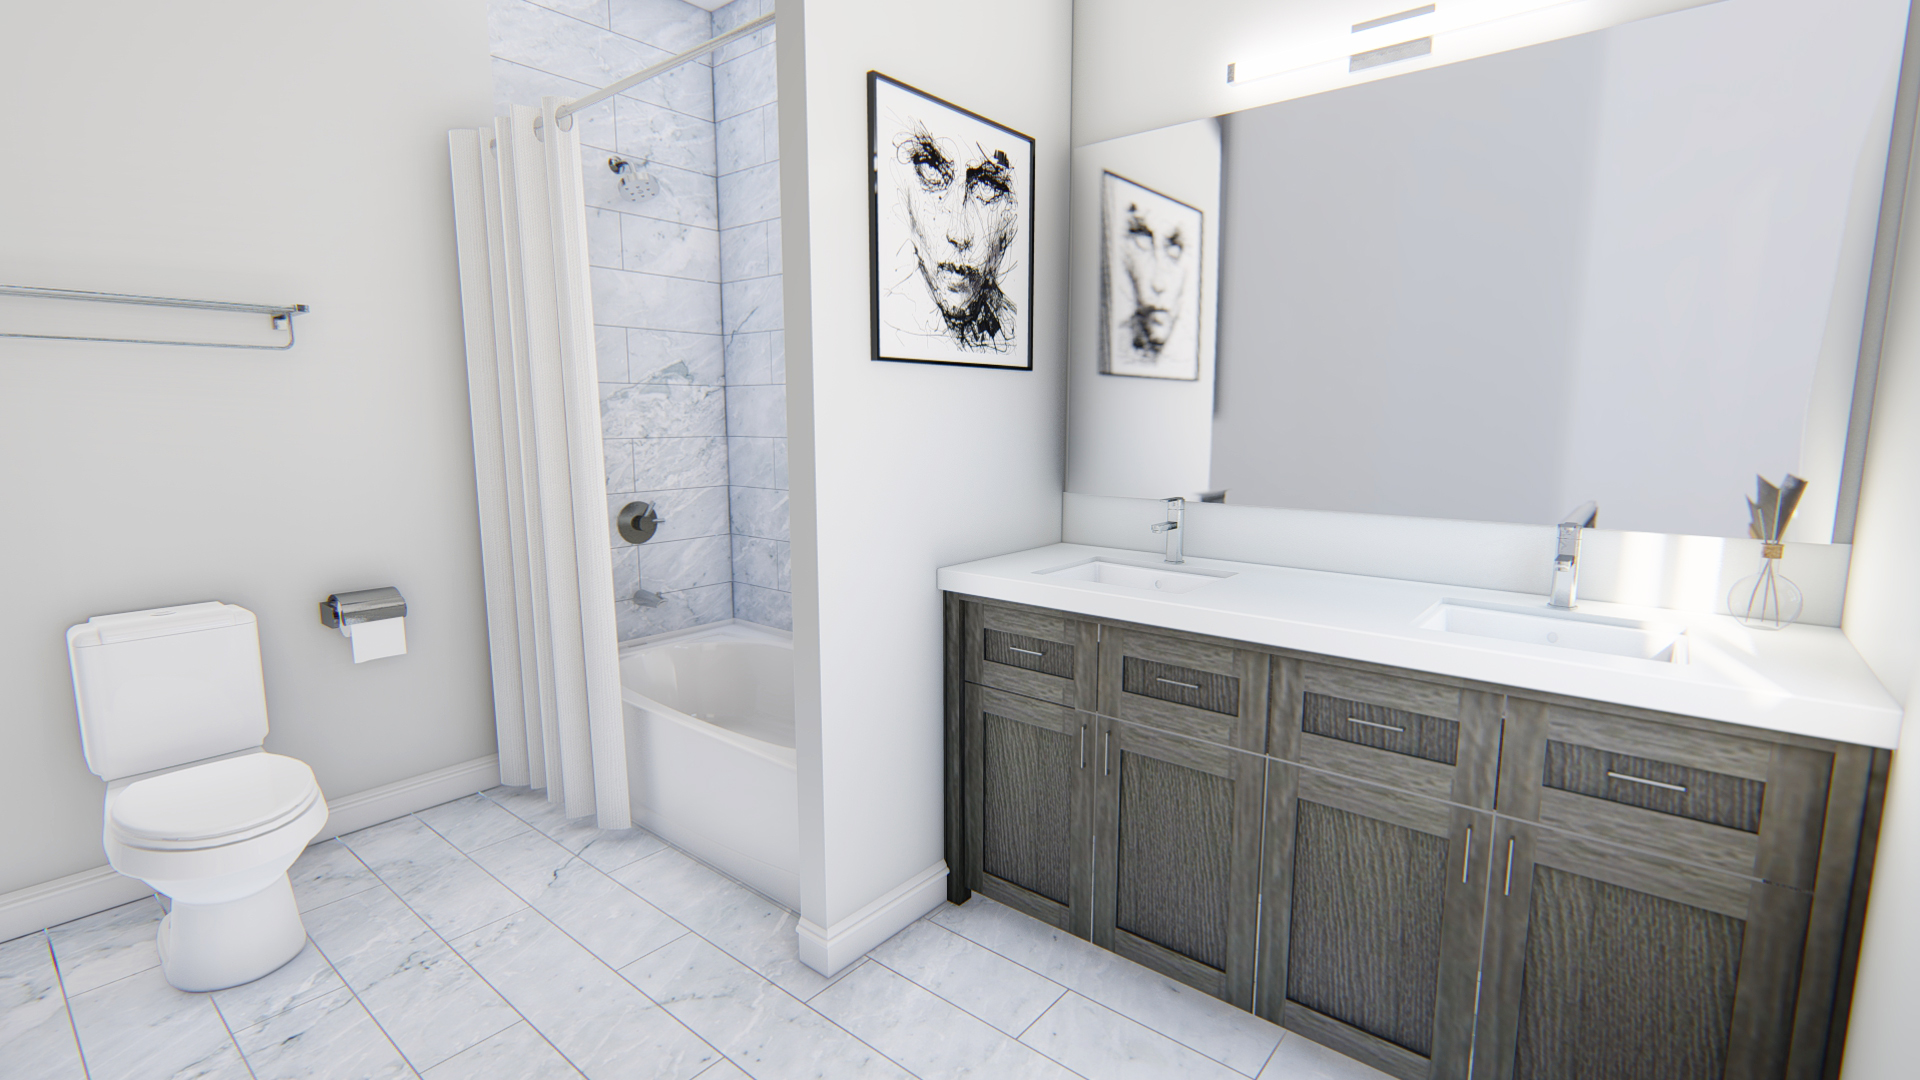 Unit 2B_Bathroom View 1.jpg